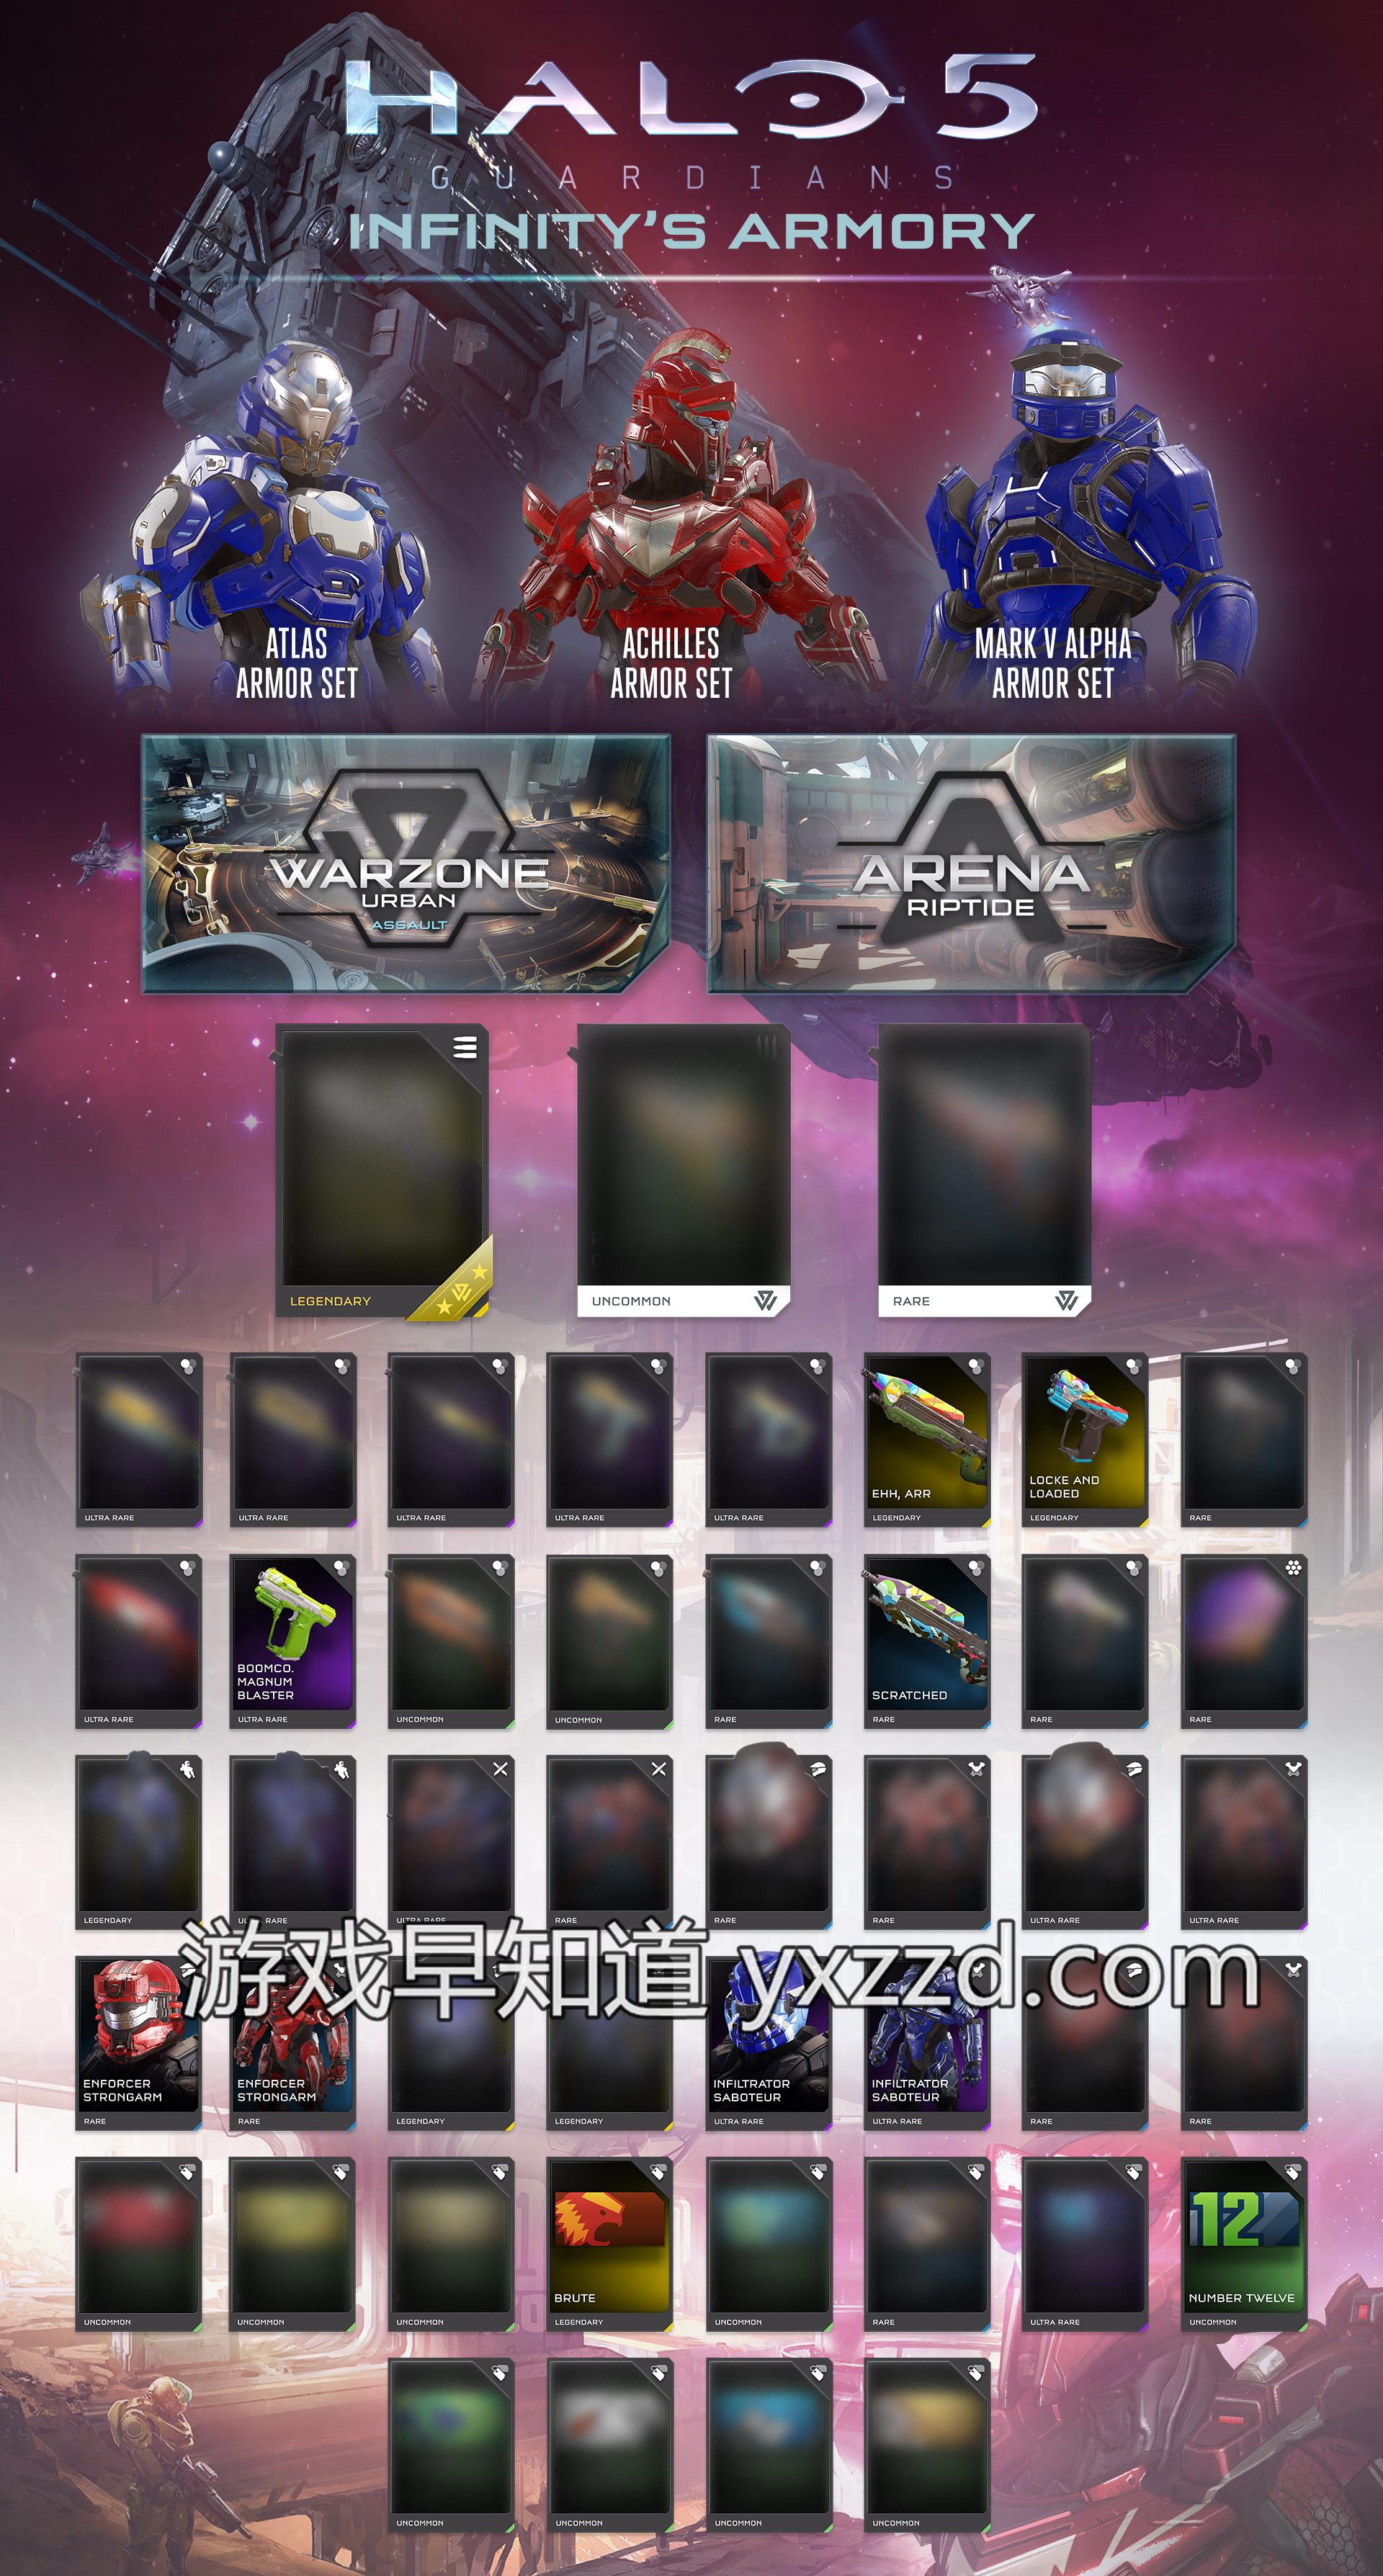 xboxone 光环5无尽号弹药库Infinity's Armory